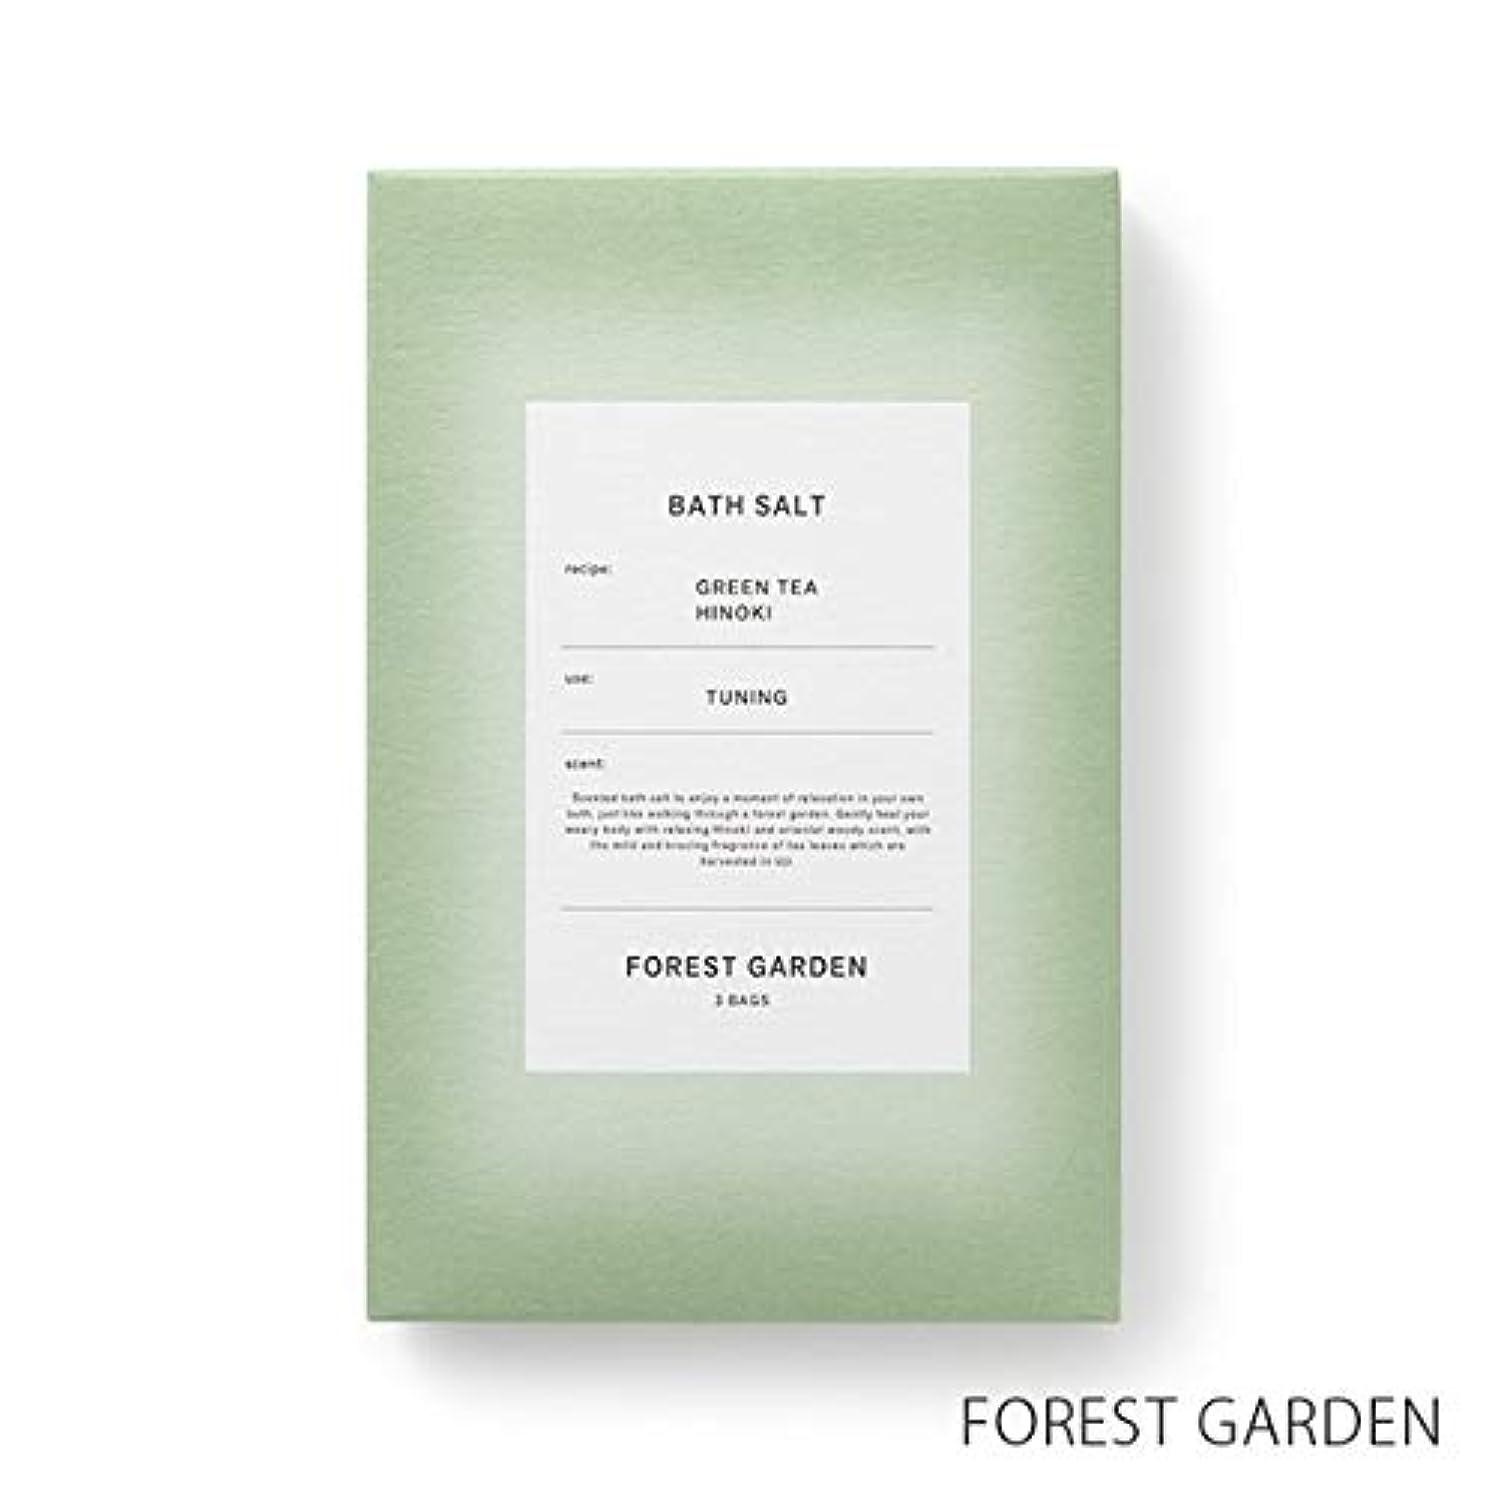 キリストできないクリープ【薫玉堂】 バスソルト FOREST GARDEN 森の庭 緑 和 宇治茶の香り